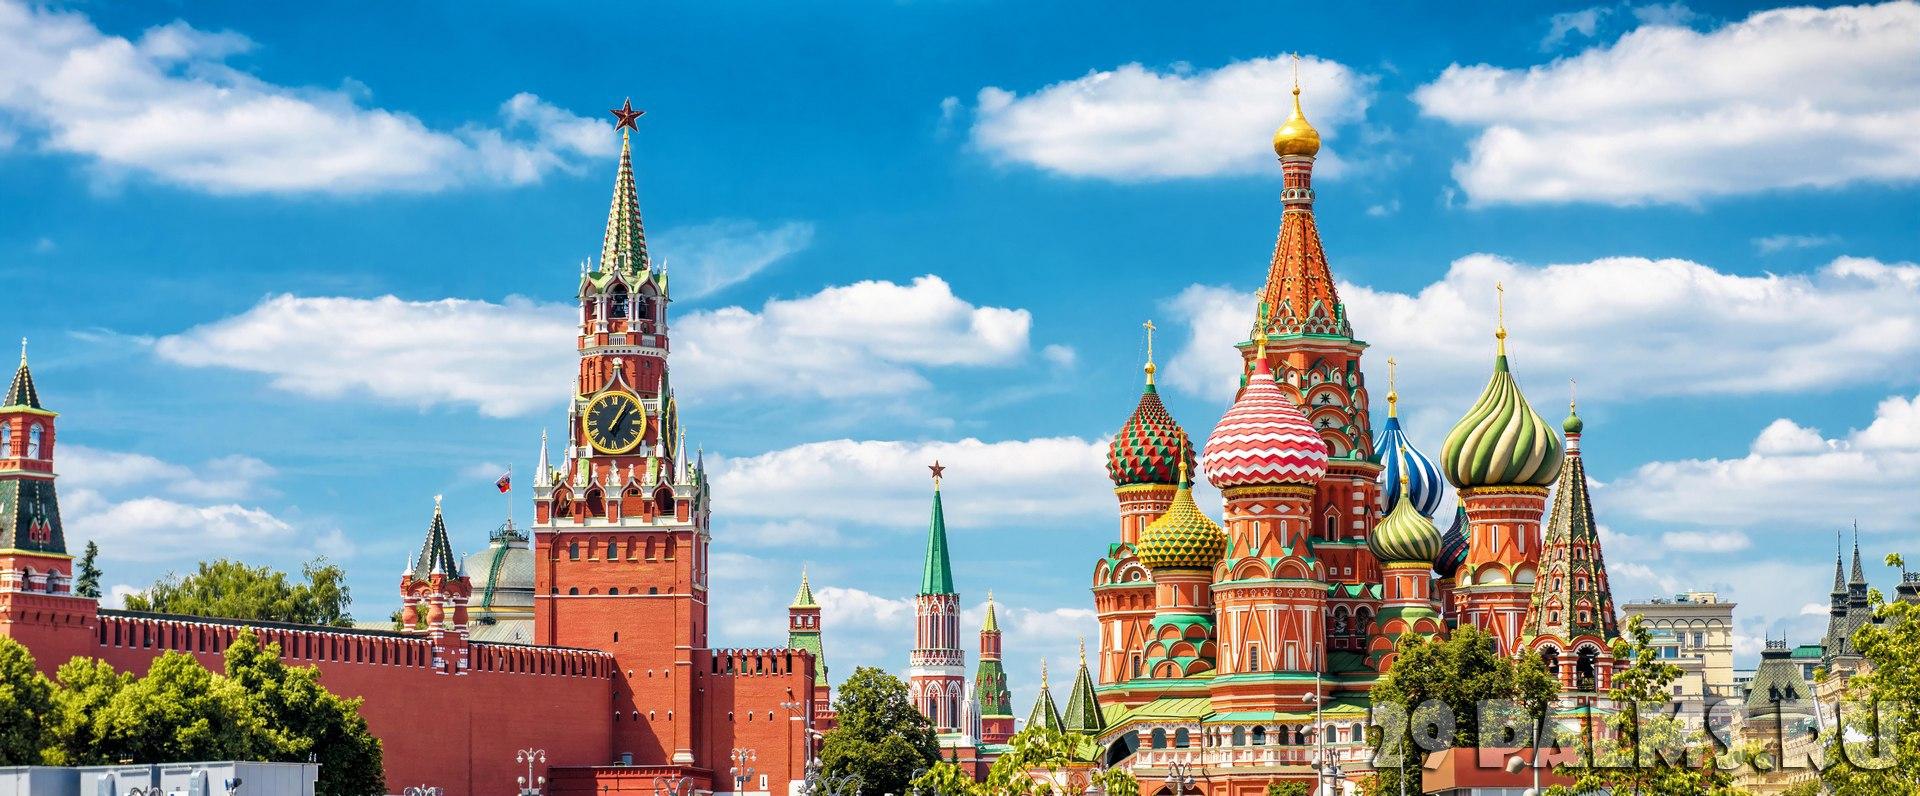 Картинки по запросу Красная площадь москва